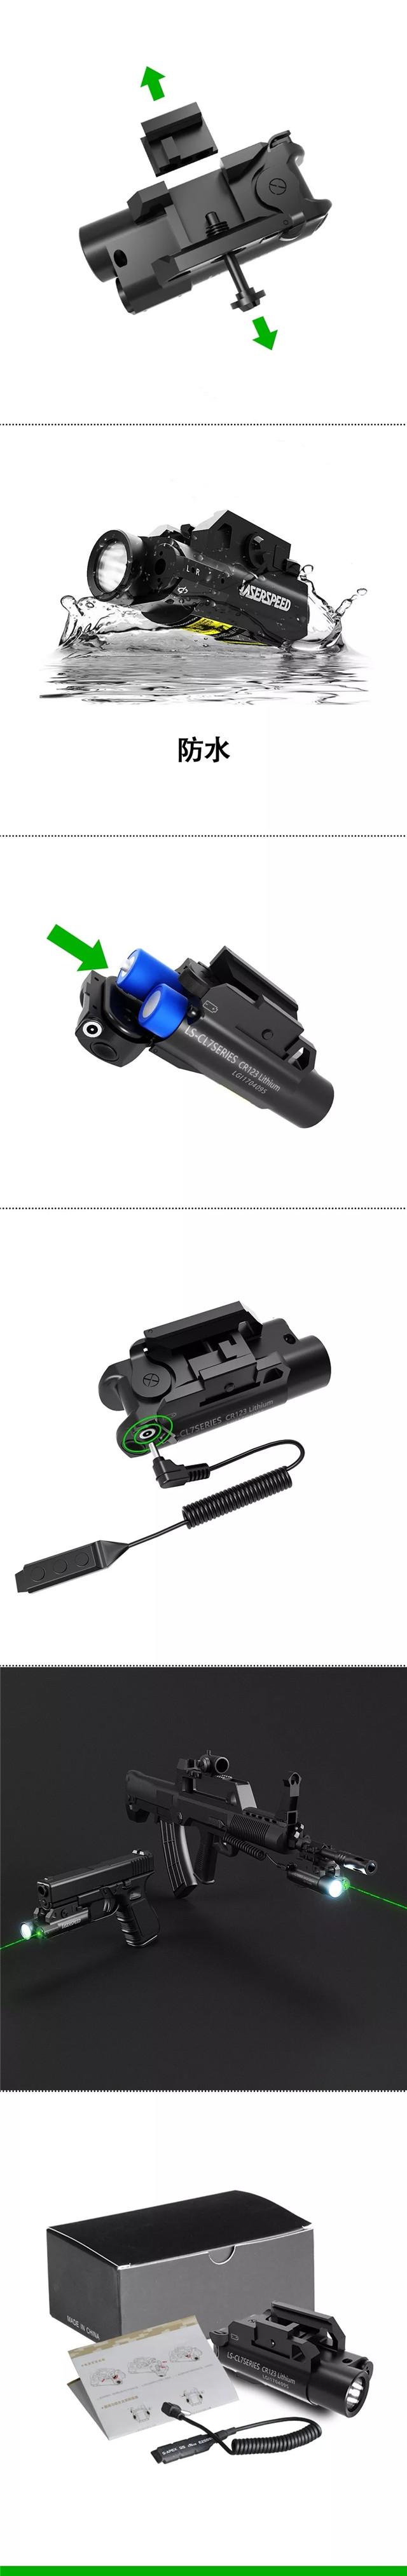 智能战术枪灯-电磁螳螂(组图)